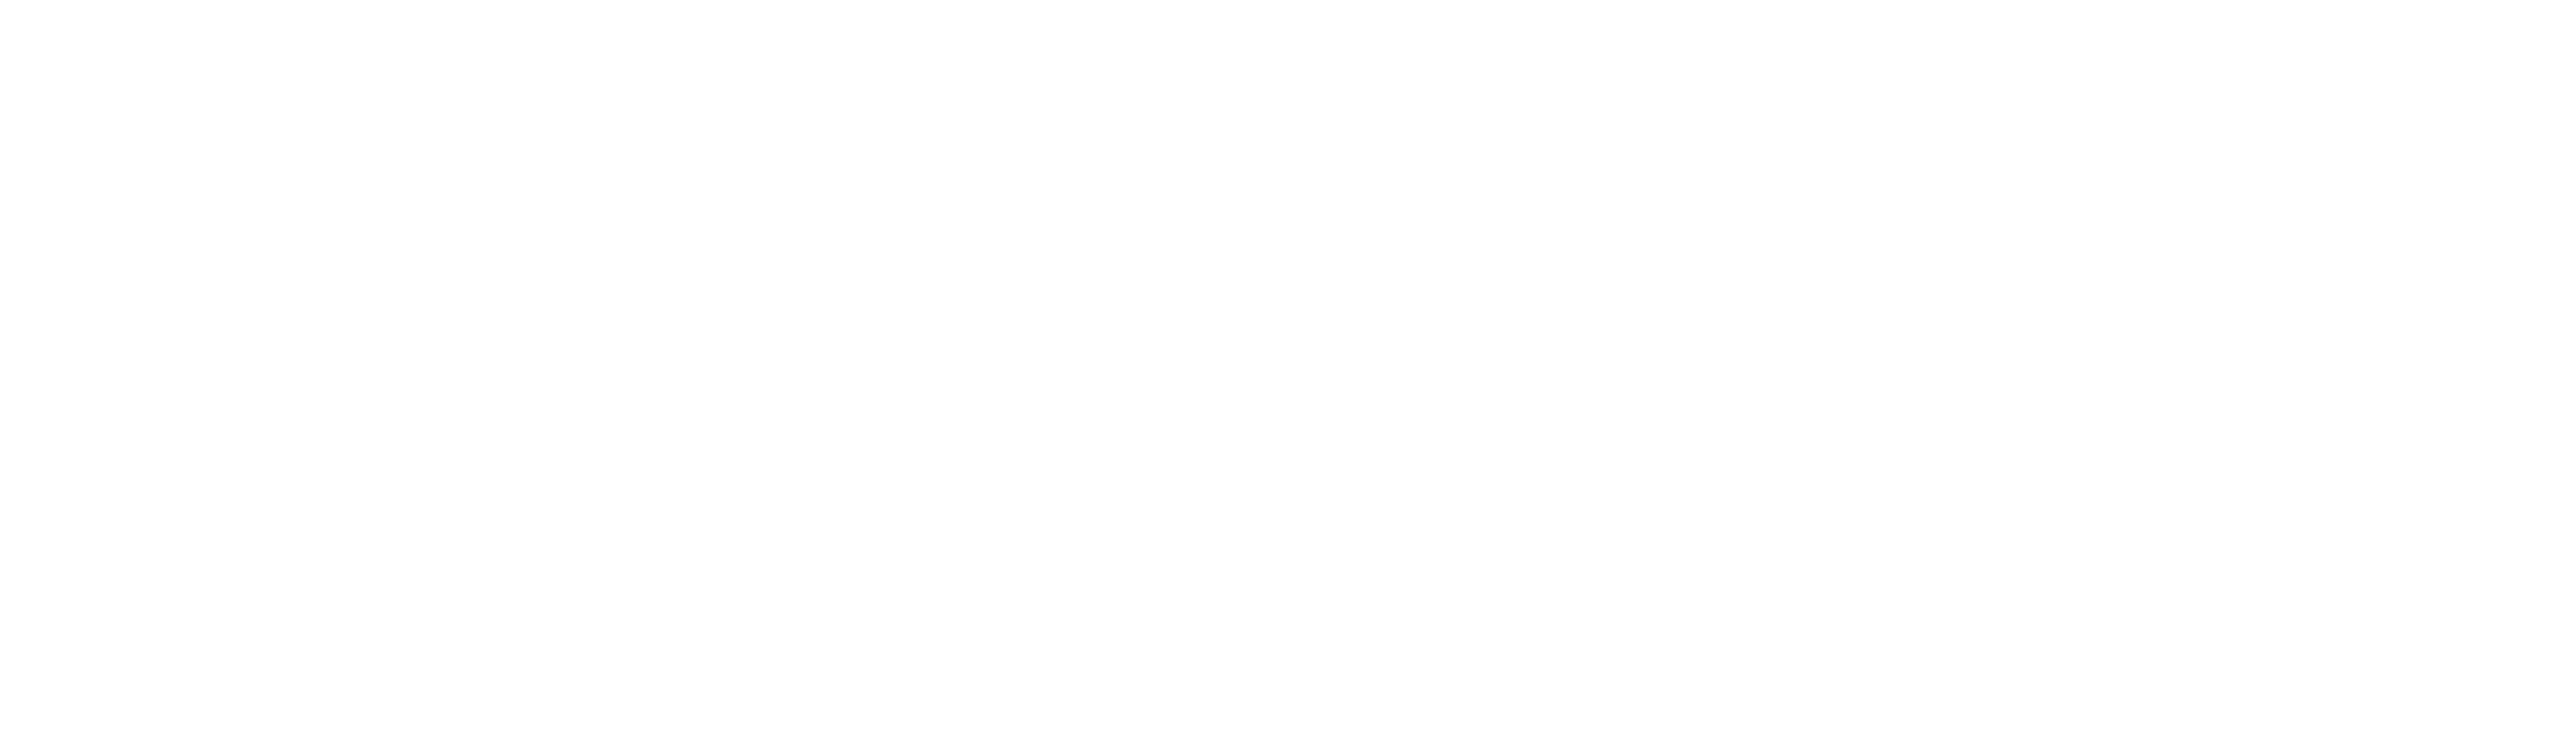 Emmys 3  -White